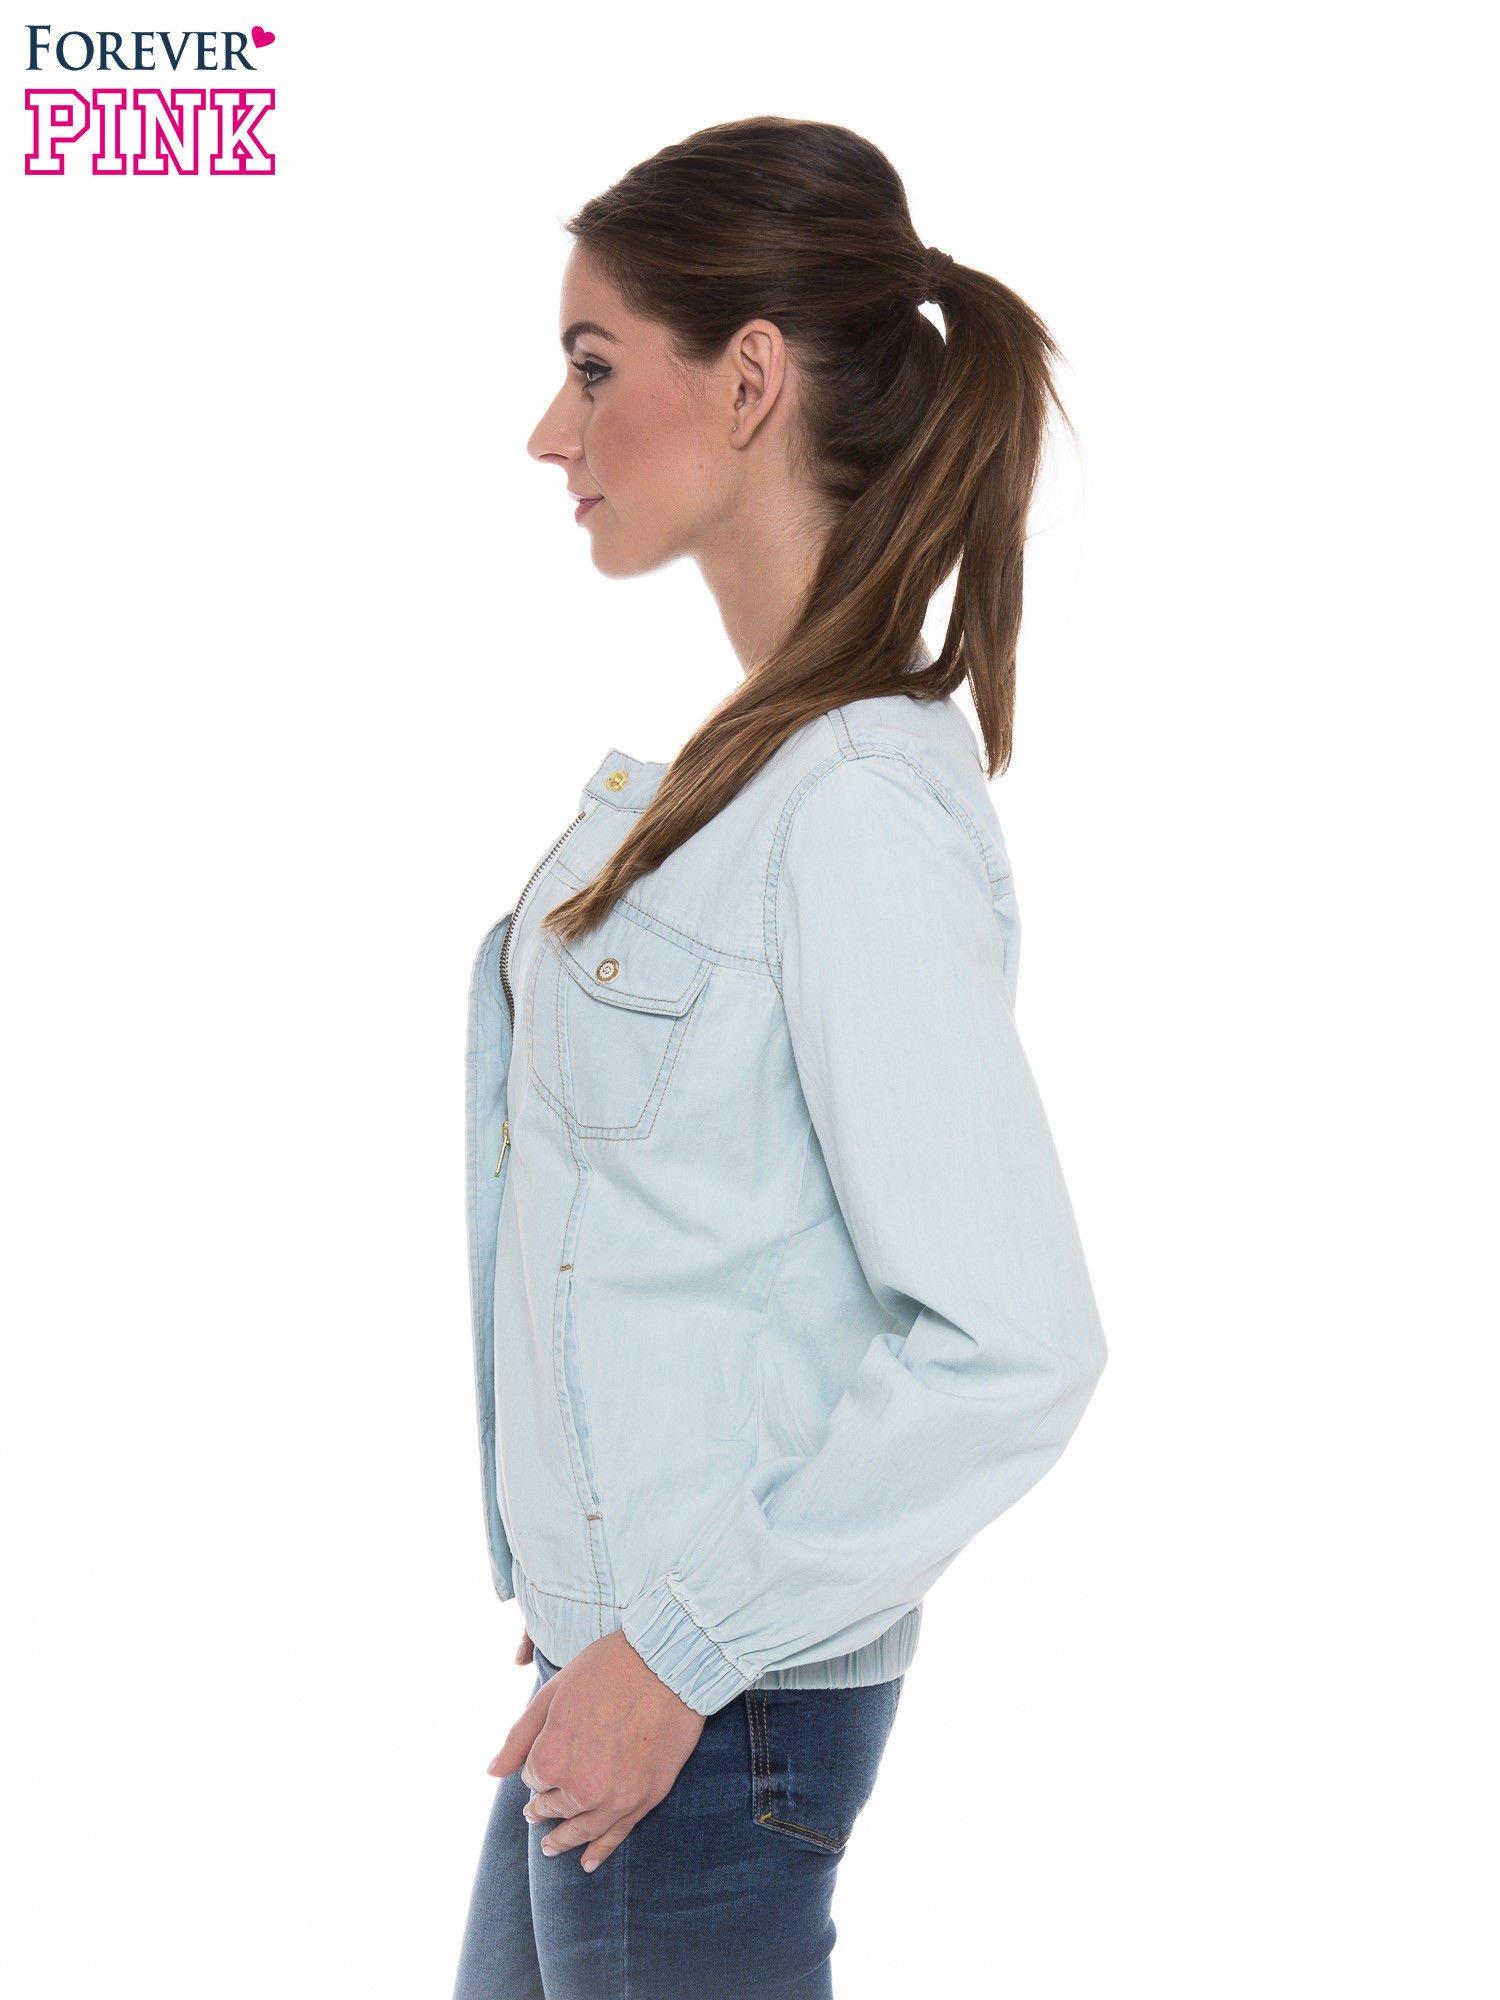 Jasnoniebieska kurtka jeansowa typu bomber jacket                                  zdj.                                  3